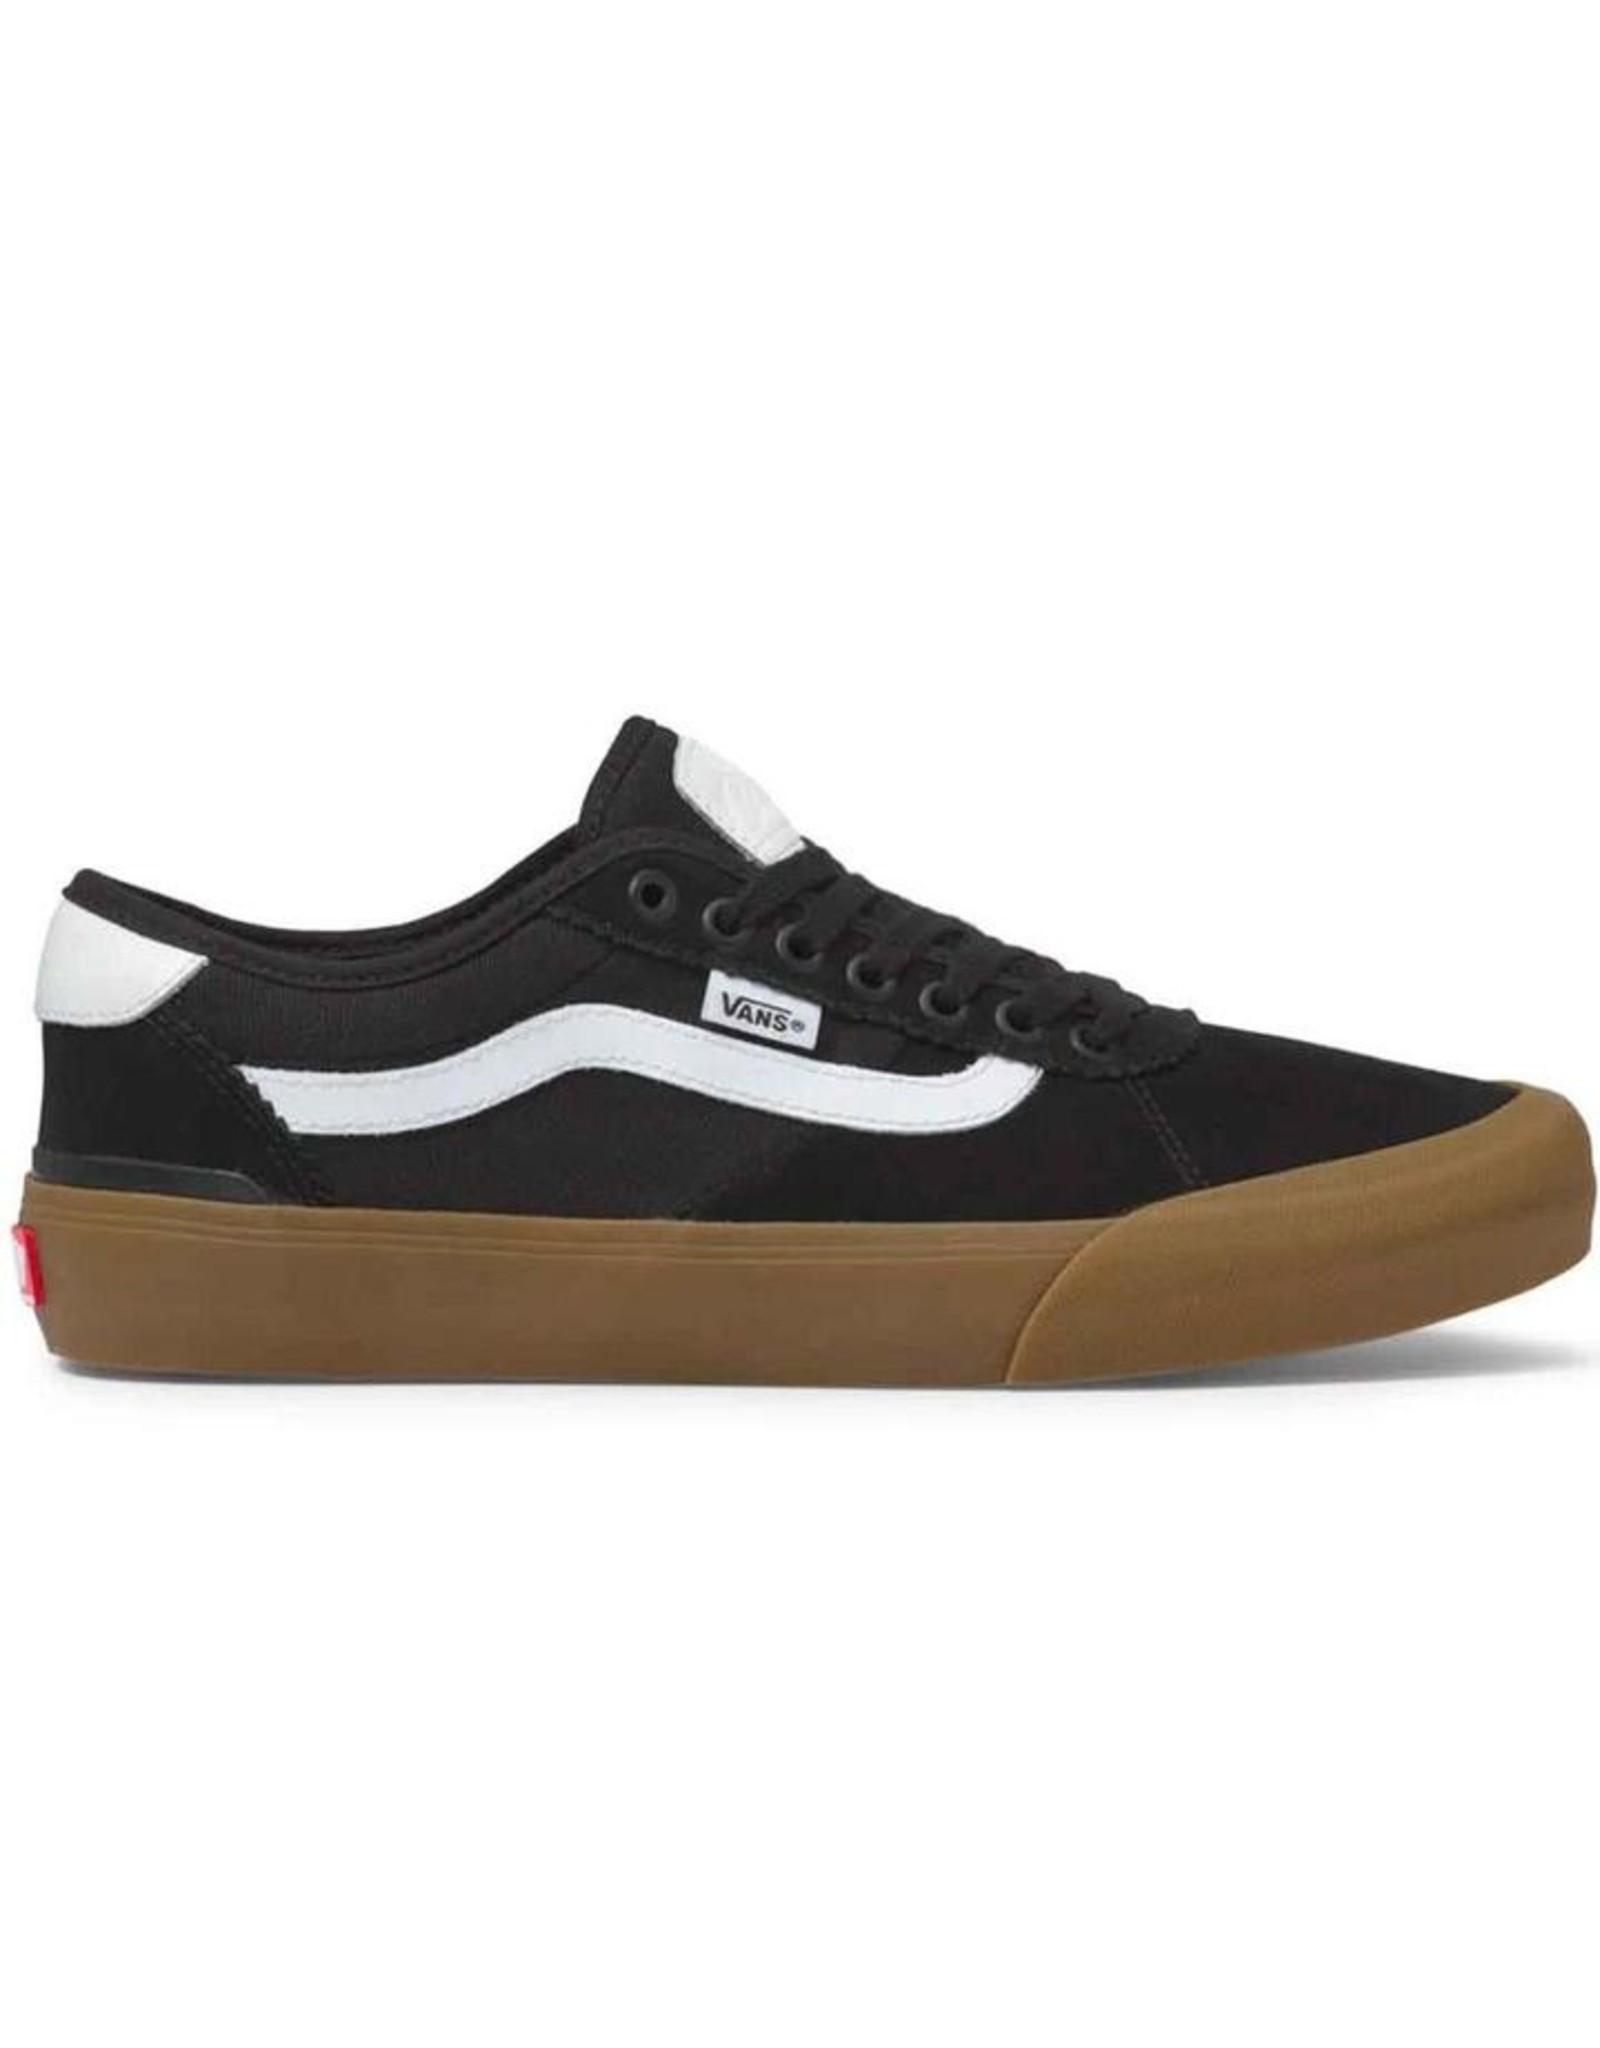 Vans Chima 2 Shoes